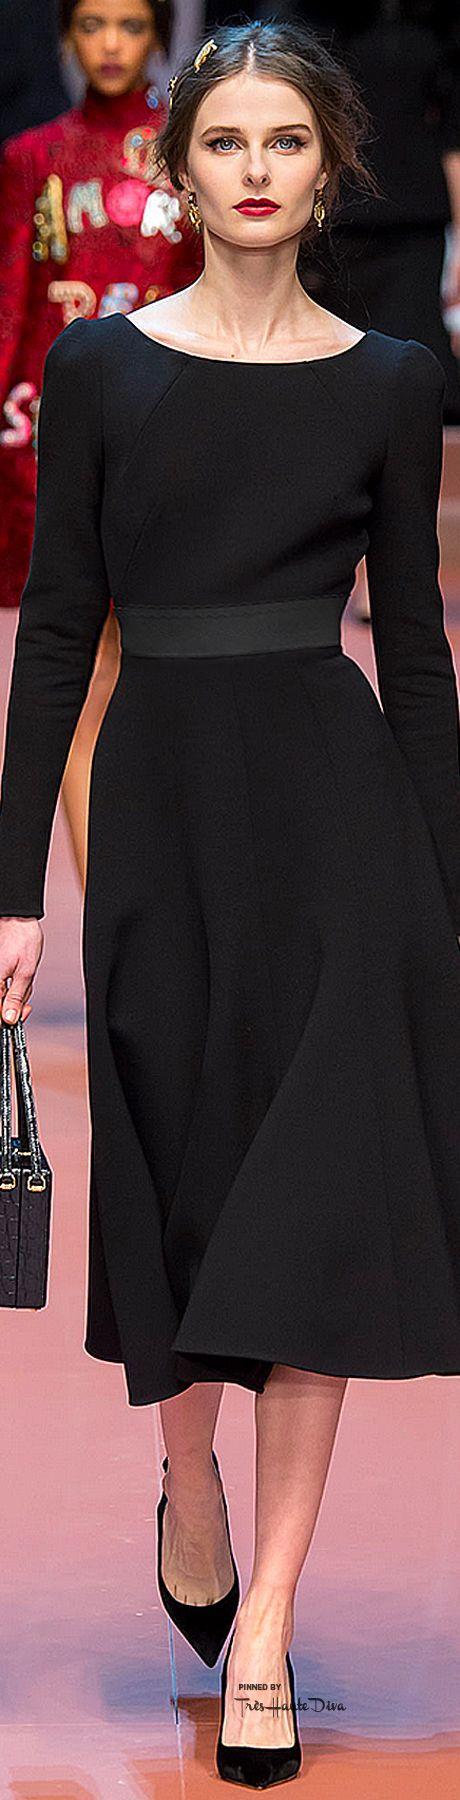 De perfecte jurk!  Heeft smalle schouders en smalle mouwen Heeft taille Glad…